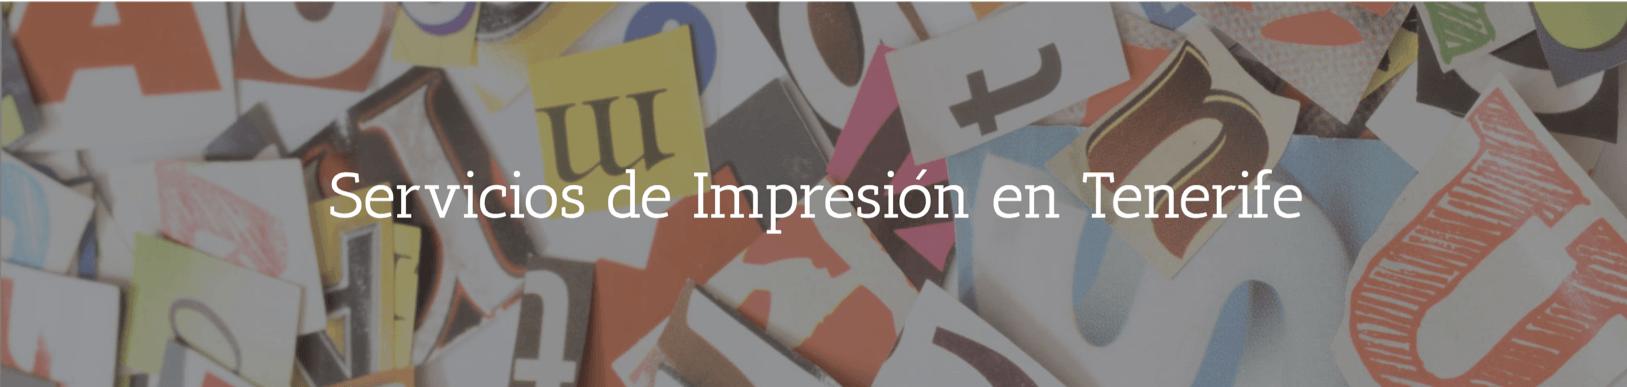 Servicios de Impresión en Tenerife